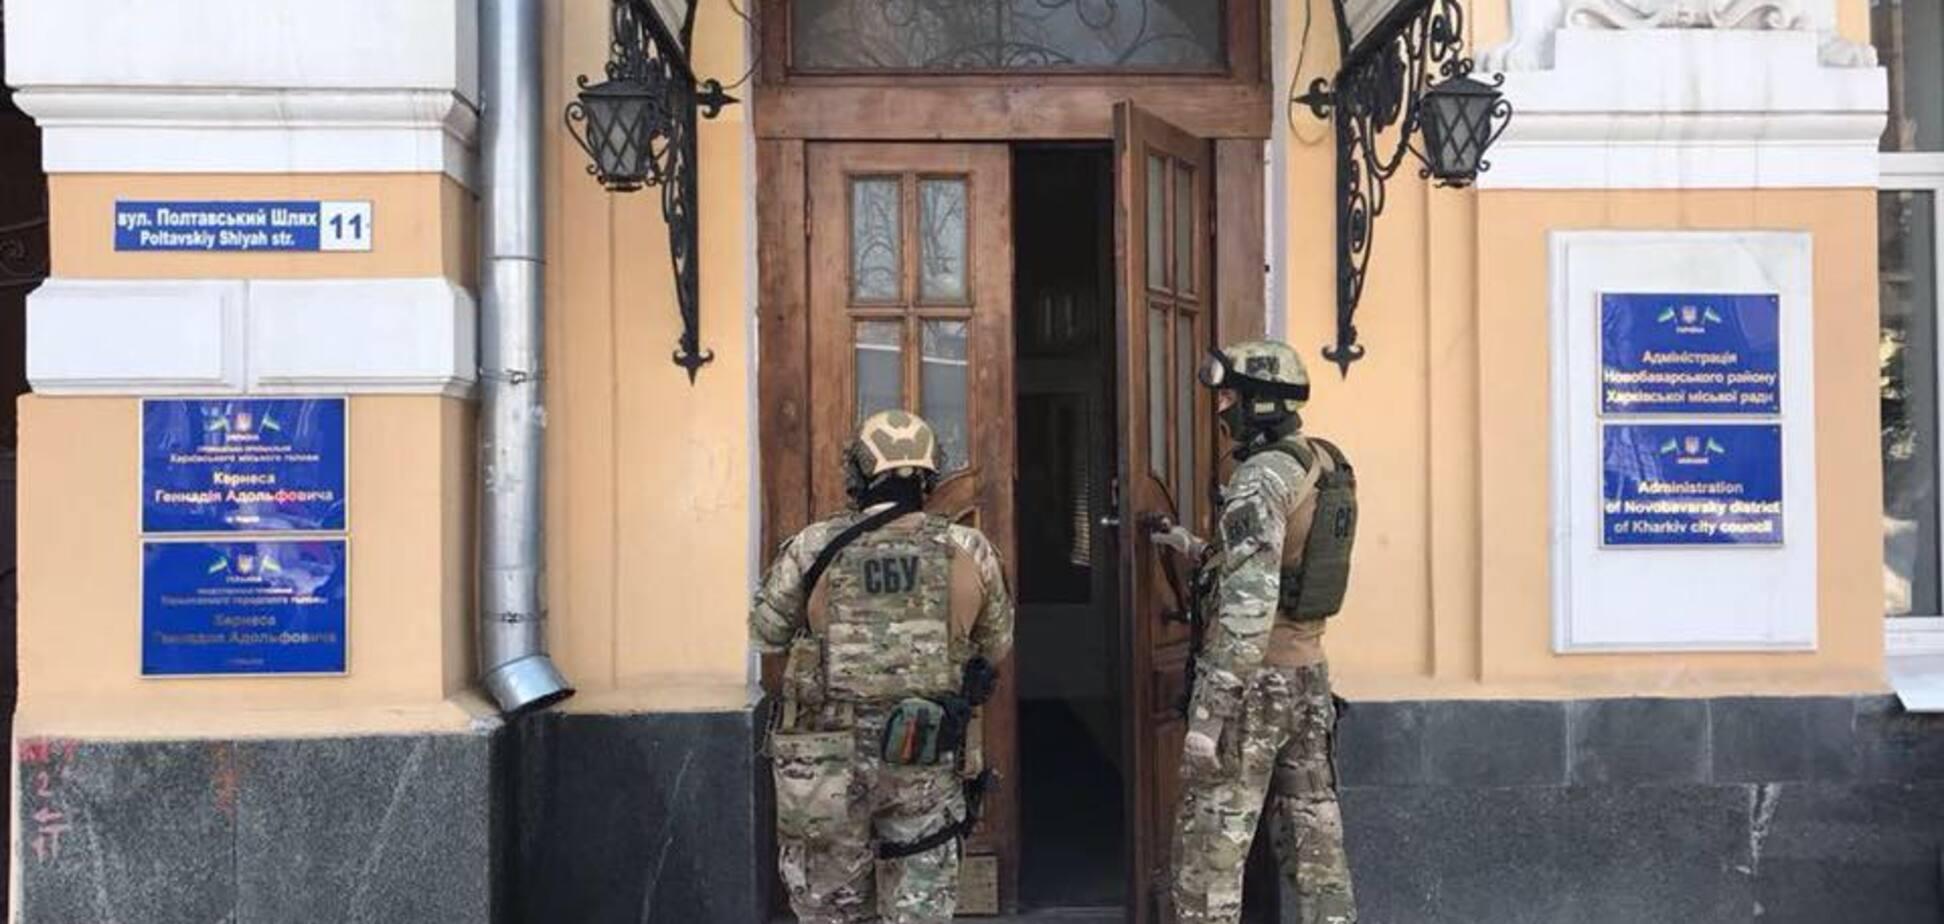 Георгіївська стрічка і брязкальця: СБУ провела обшуки у одіозної харківської чиновниці